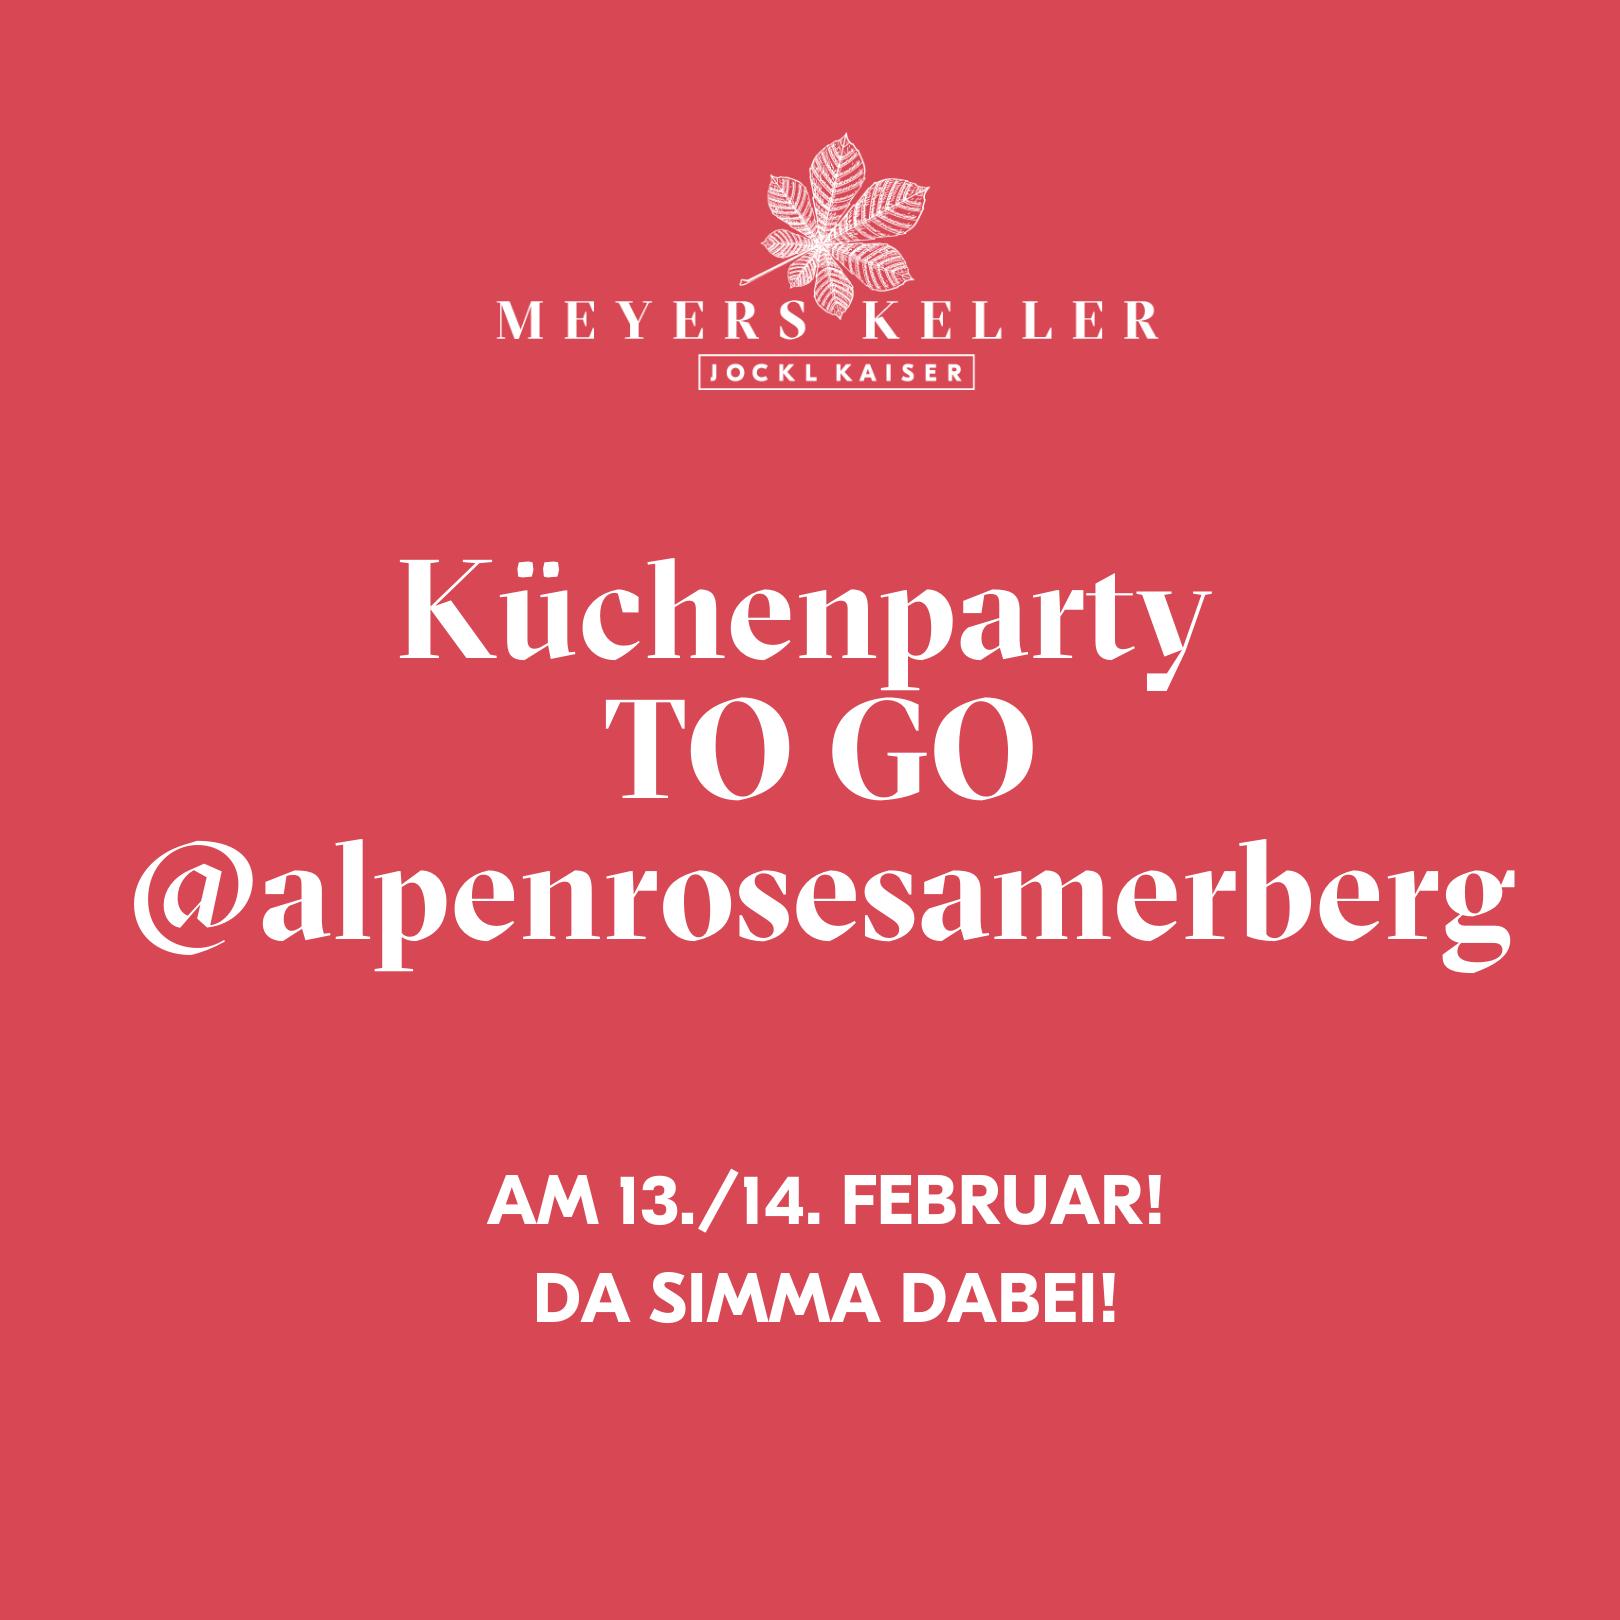 Einladung zur Küchenparty TO GO Jockl Kaiser und Gasthof Alpenrose Samerberg